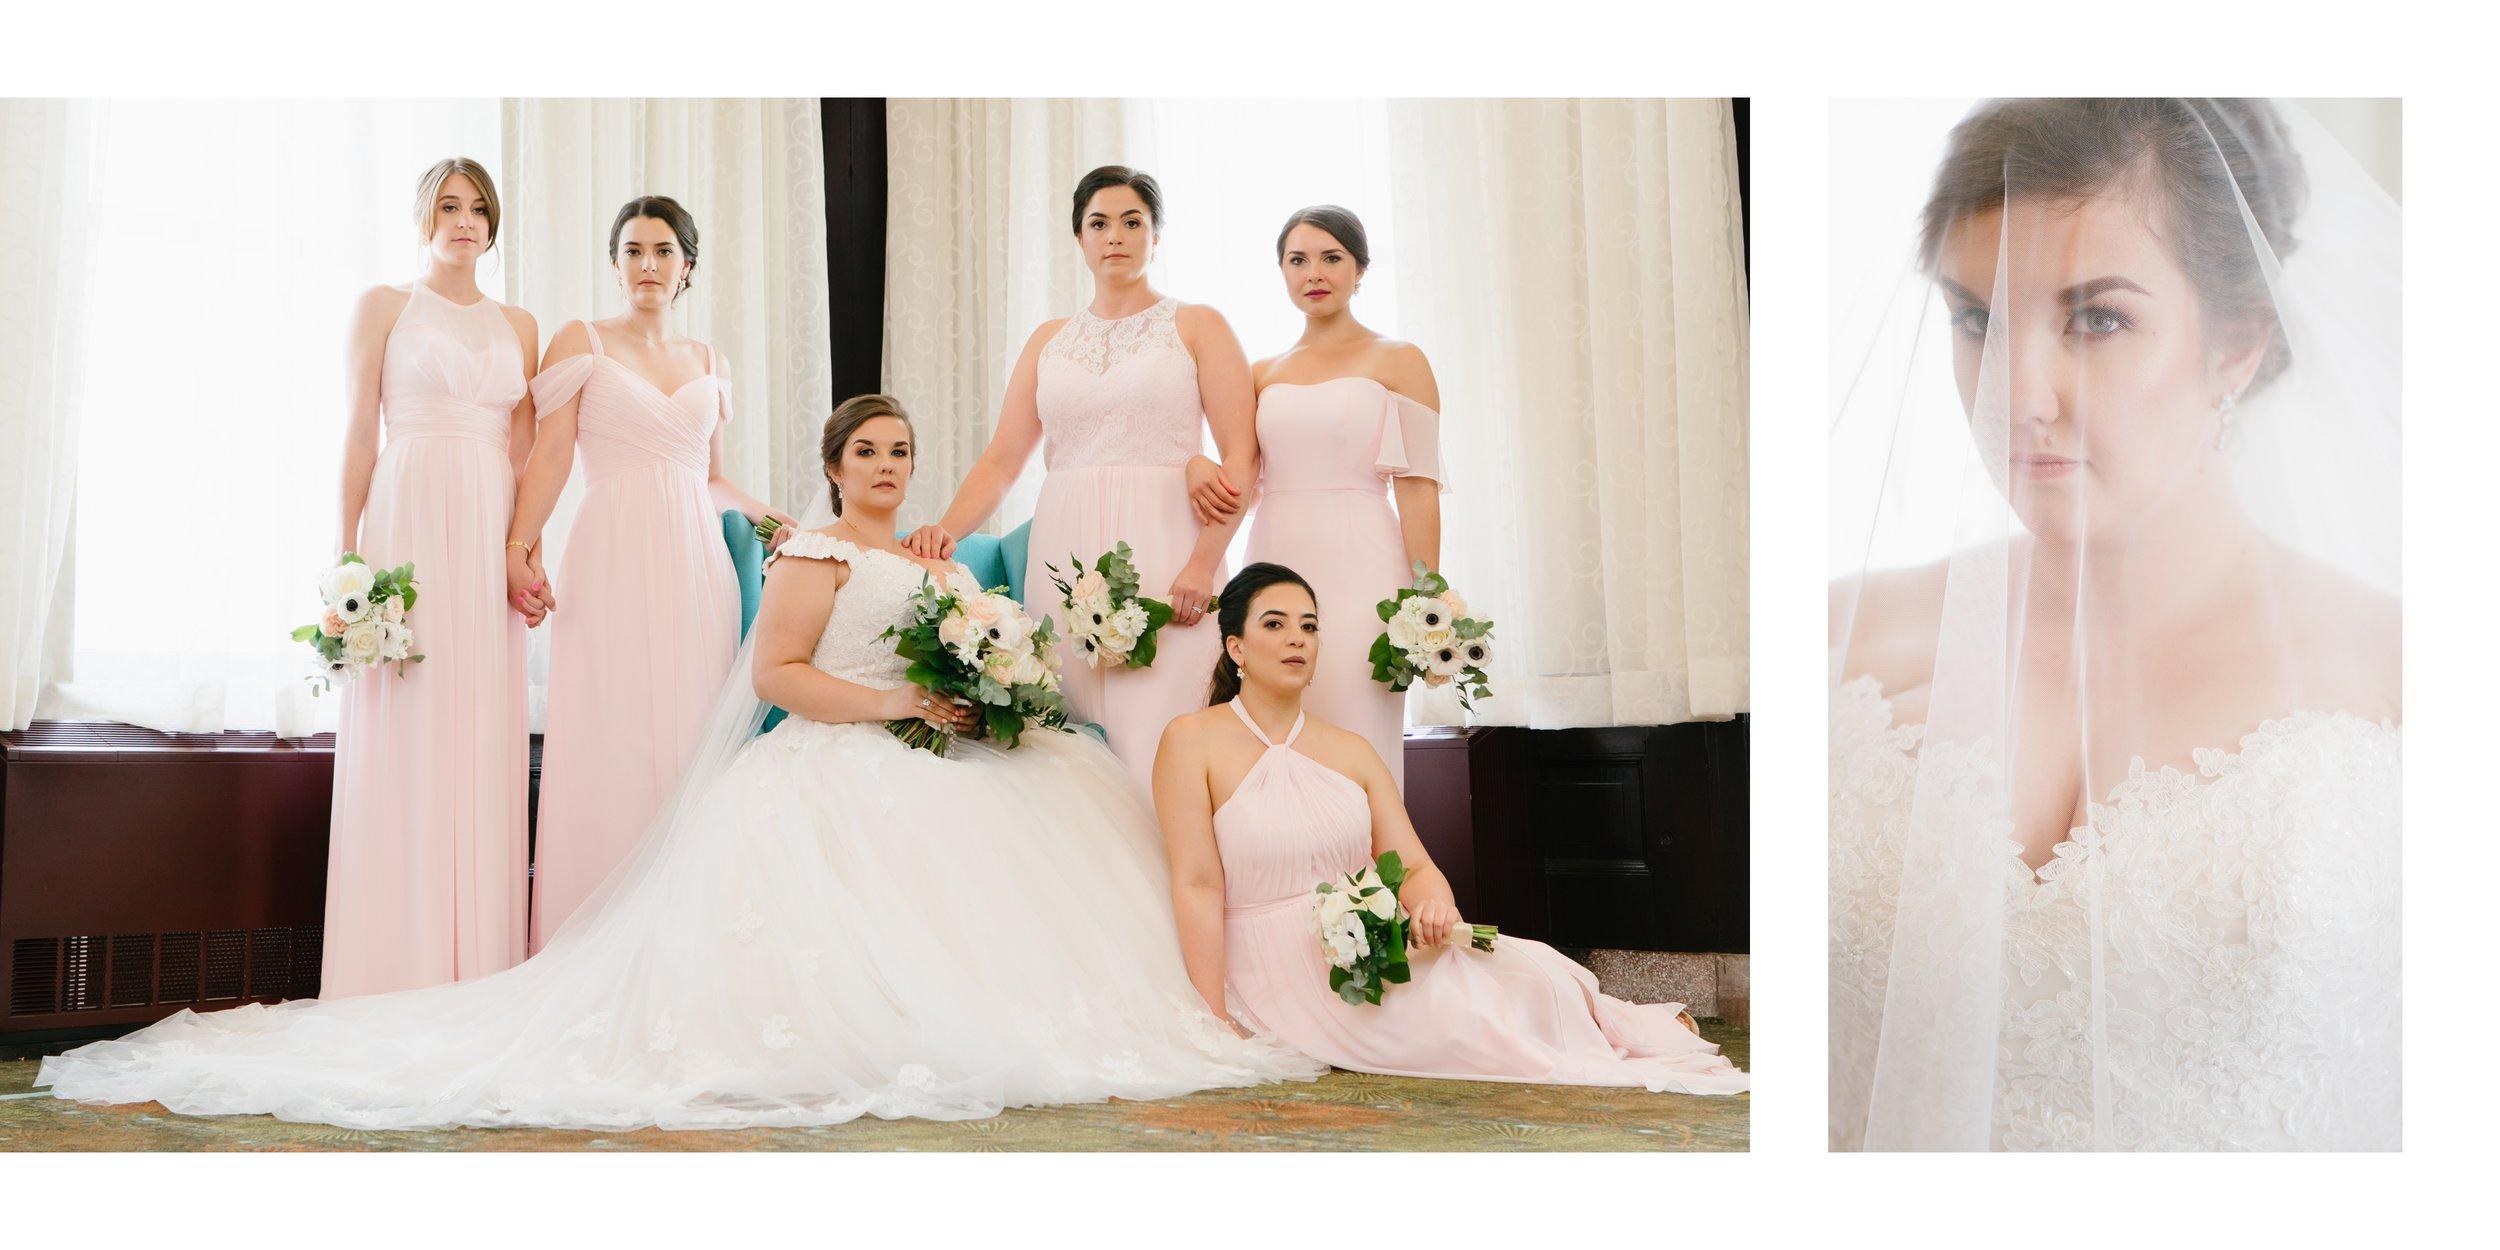 bridesmaids at wedding in los angeles